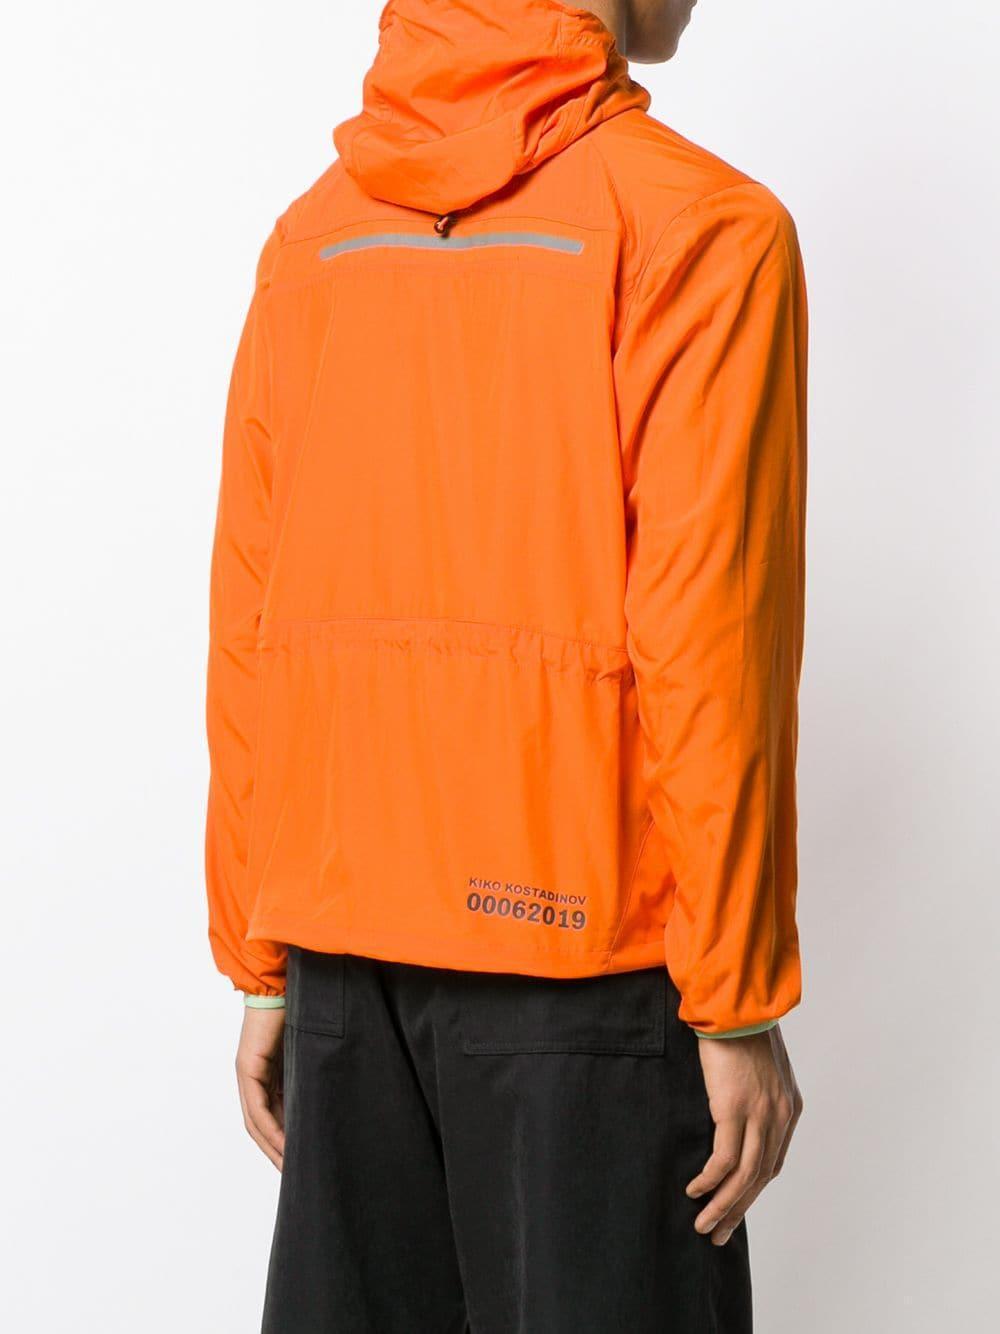 Kiko Kostadinov Windjack in het Oranje voor heren